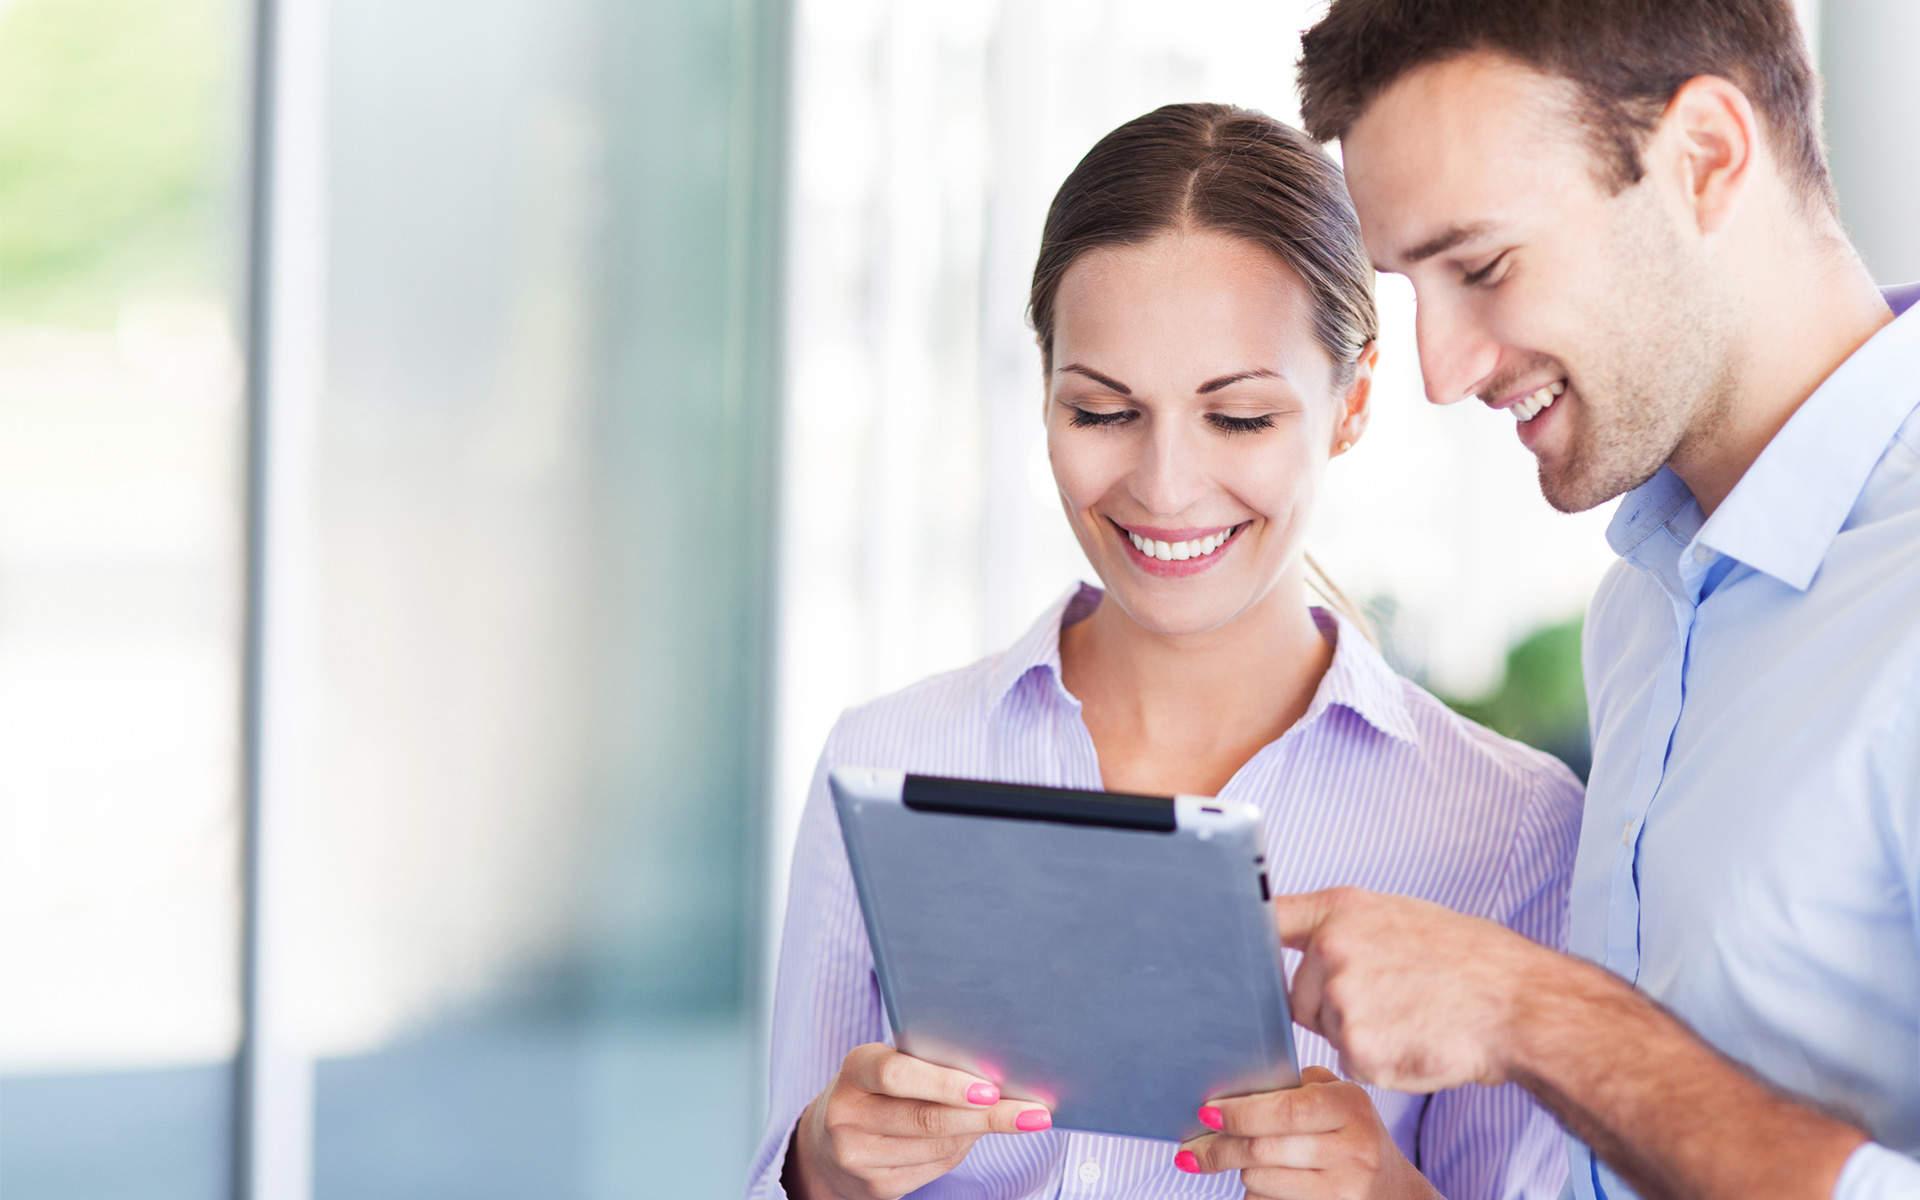 Você sabe quanto custa um escritório virtual? Nós podemos ajudar a encontrar a resposta.